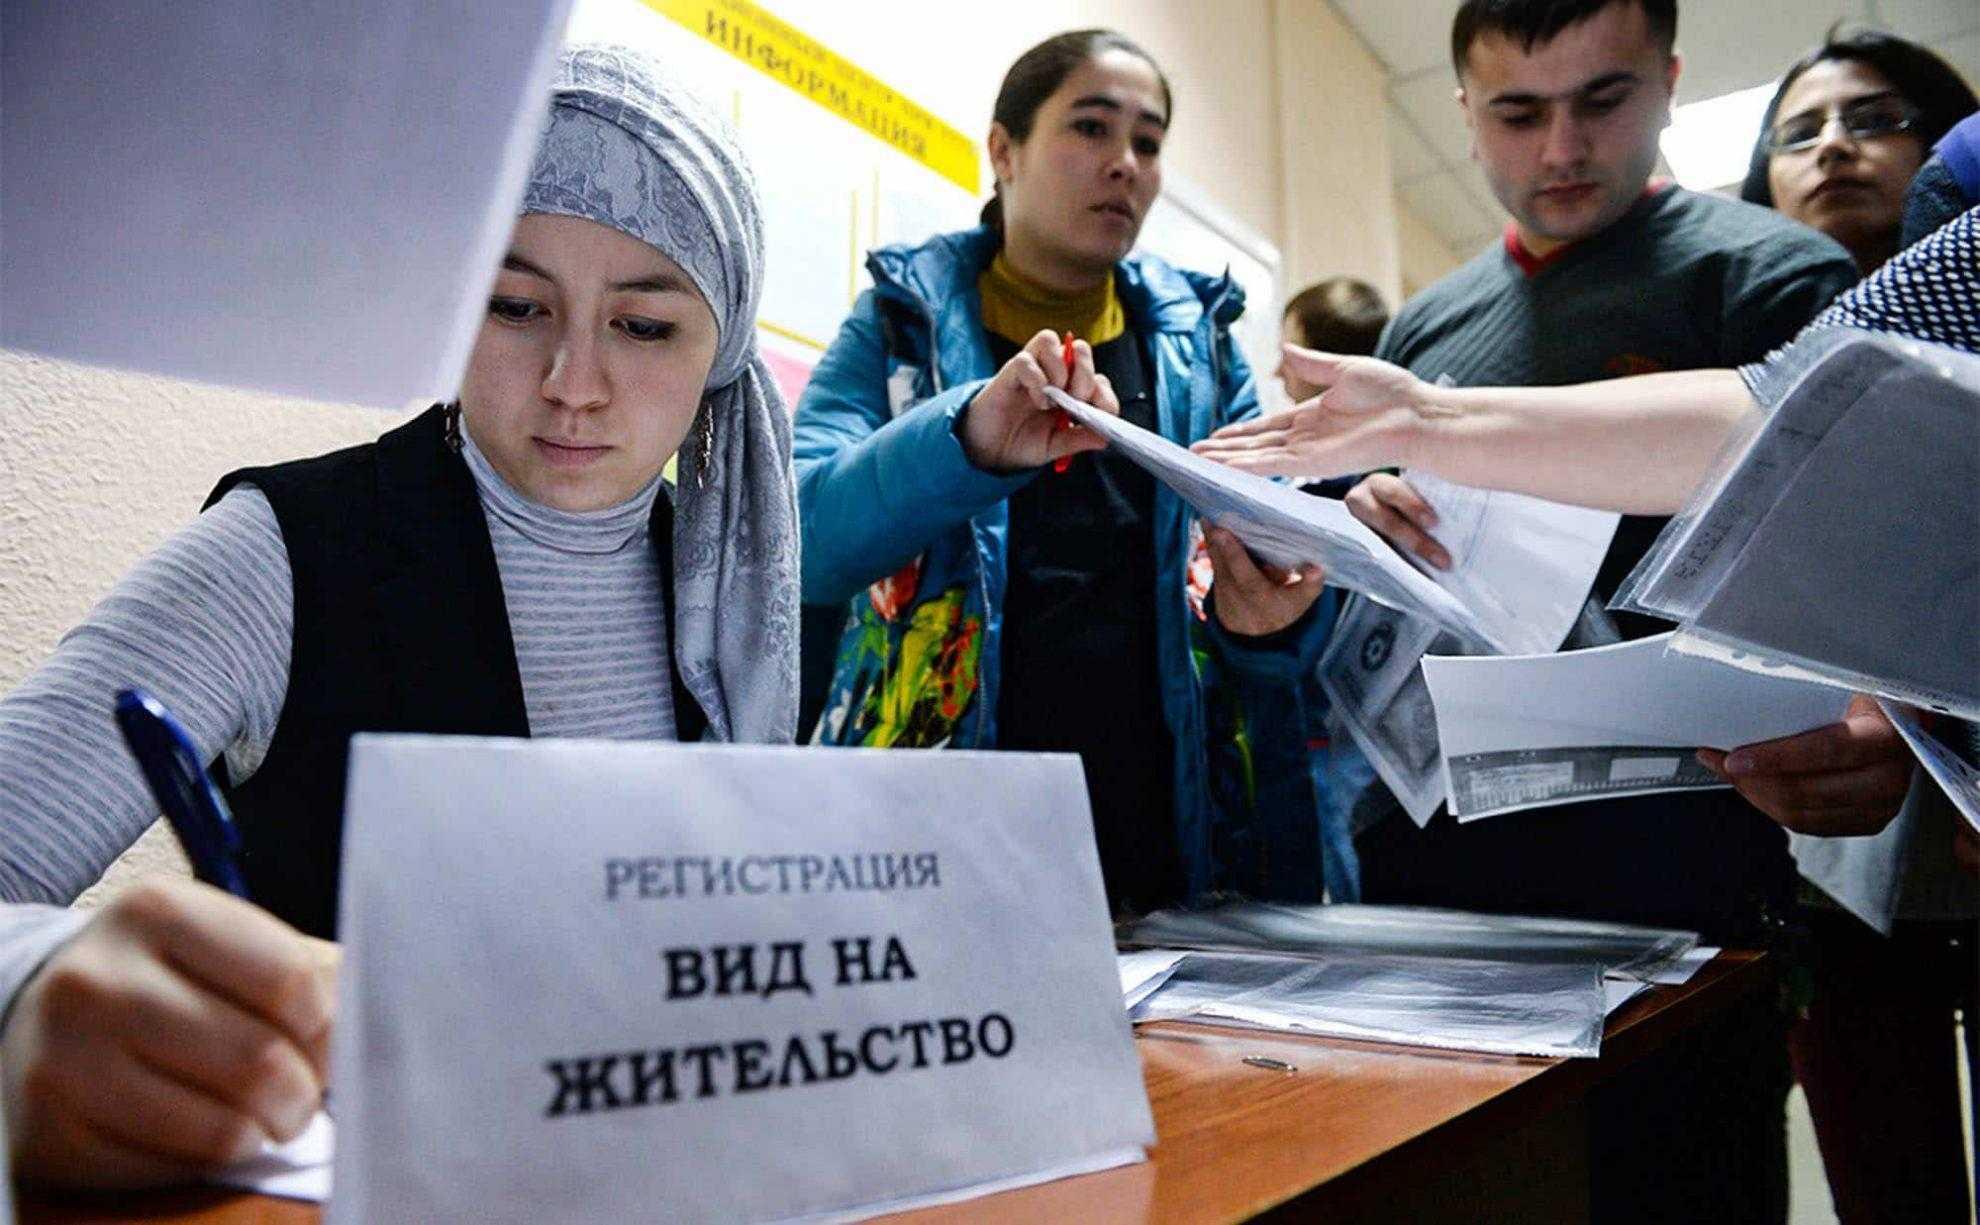 Мигрантам, которые не выехали из России из-за пандемии, предложили выдать вид на жительство